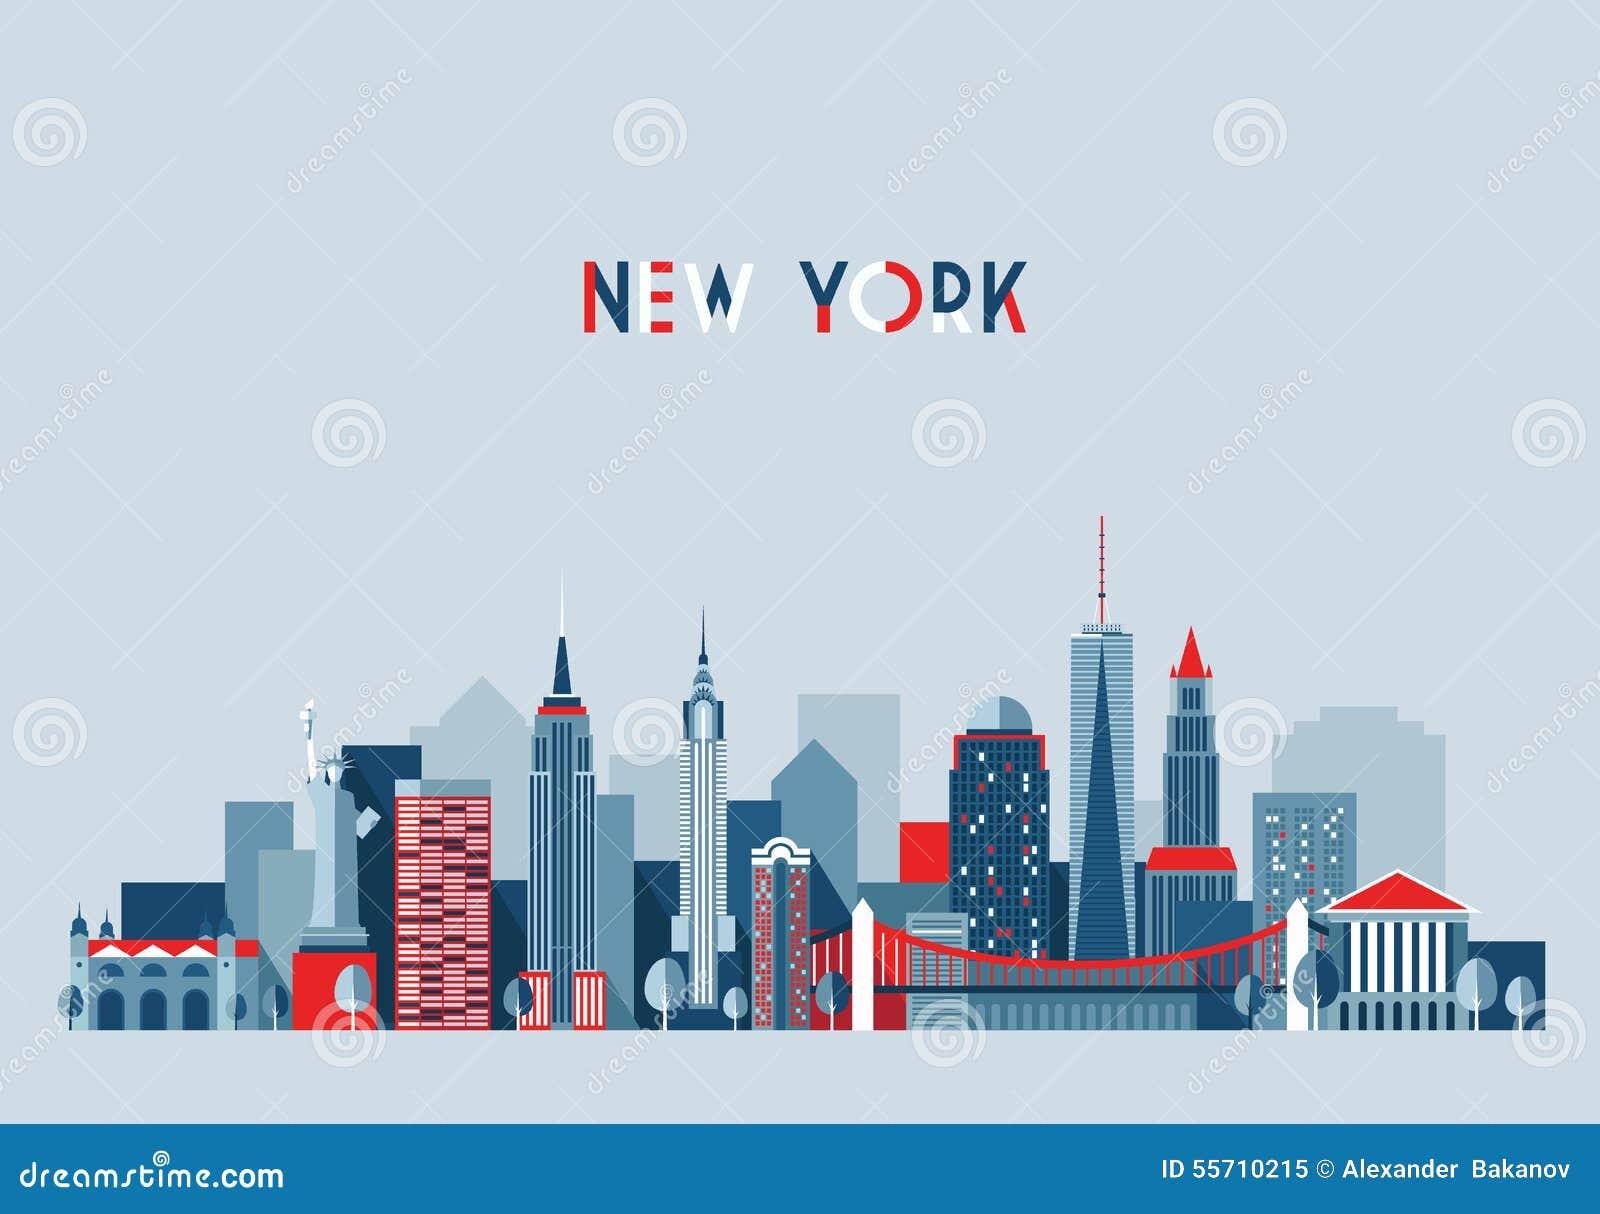 Illustration för New York City arkitekturvektor